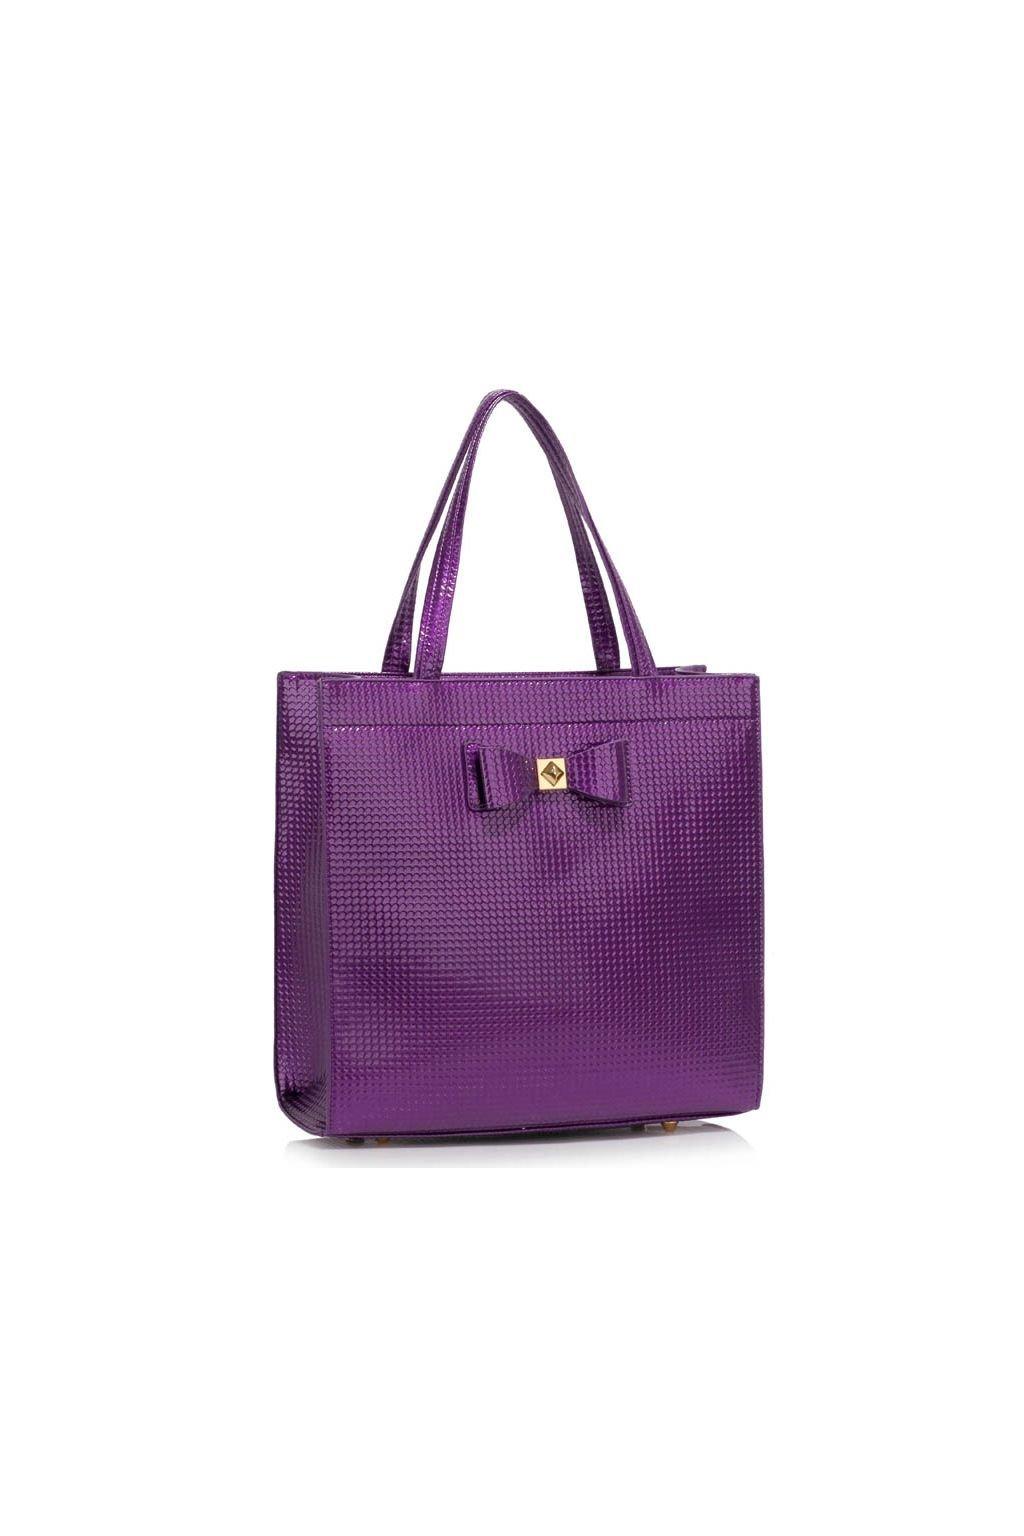 Trendová kabelka do ruky Lisa A fialová LS00383a